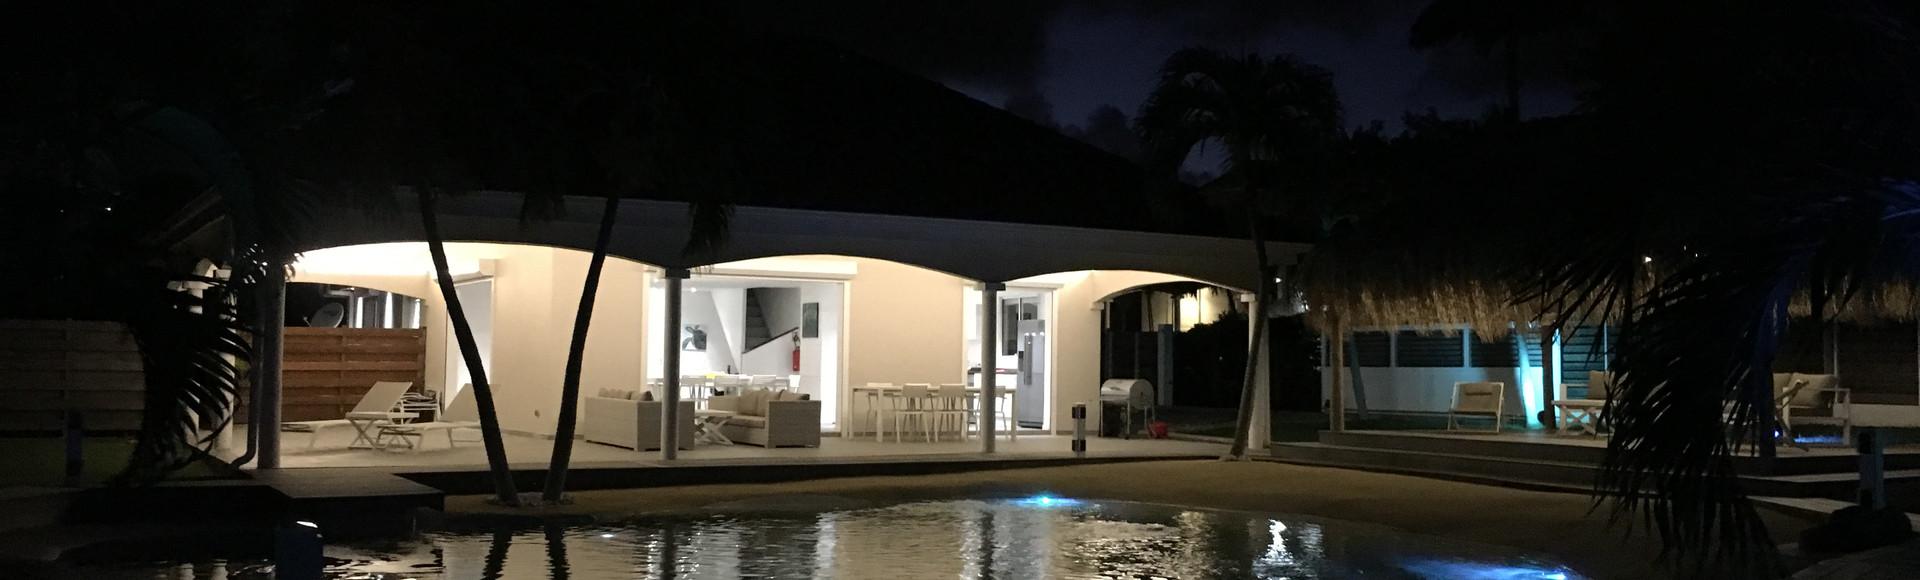 villa-carouge-martinique-exterieur-nuit-